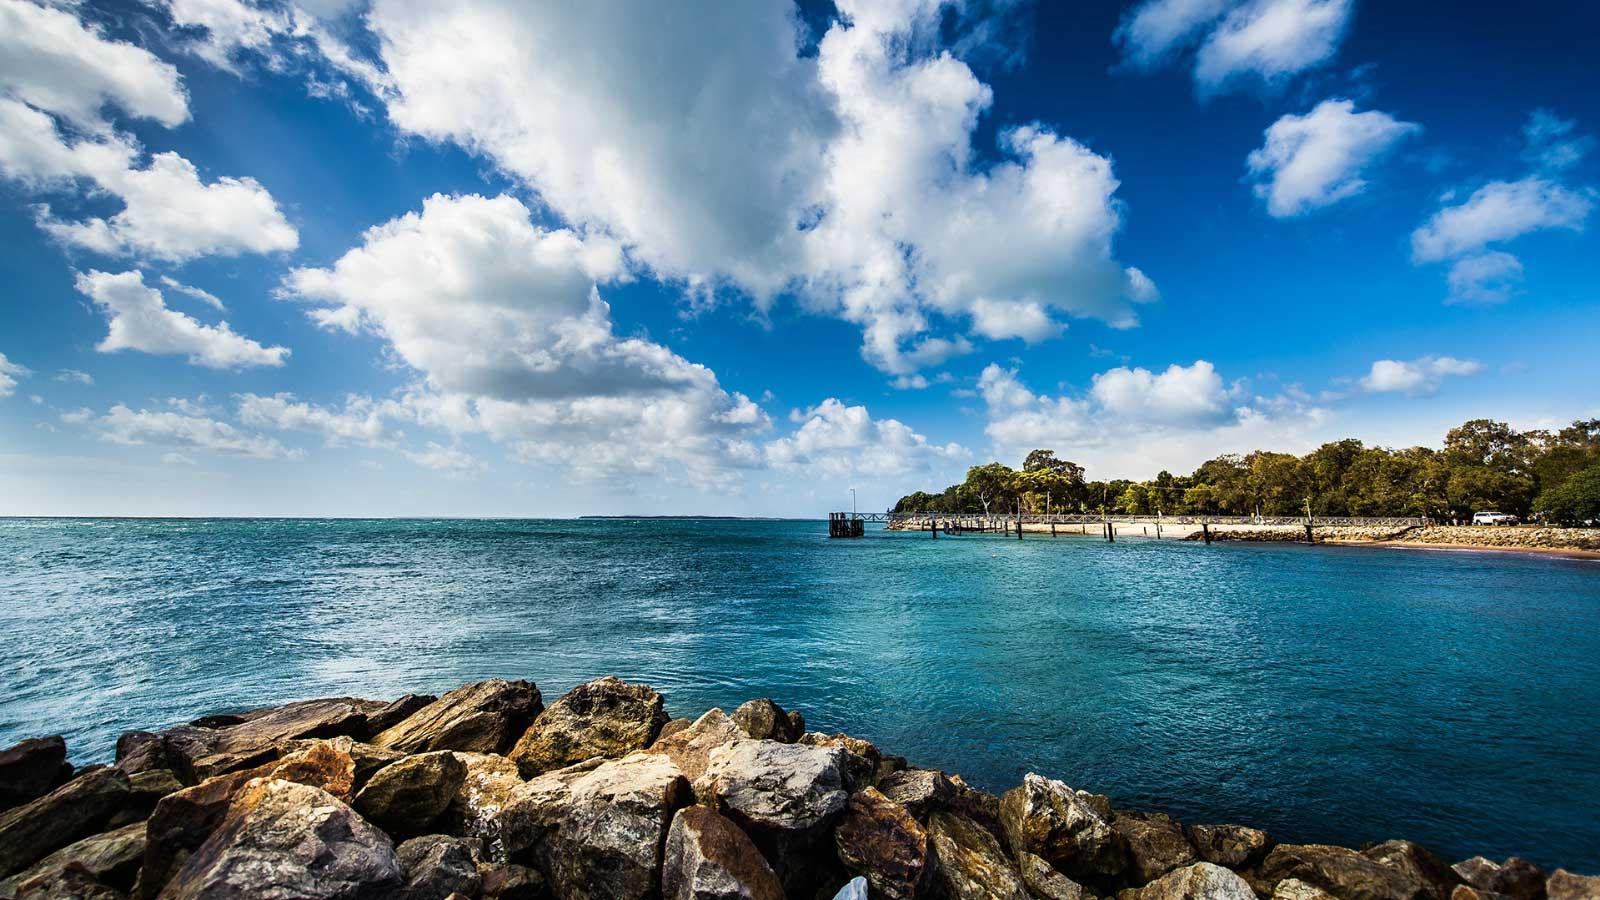 Тиморское море - информация, фото, туры, отдых